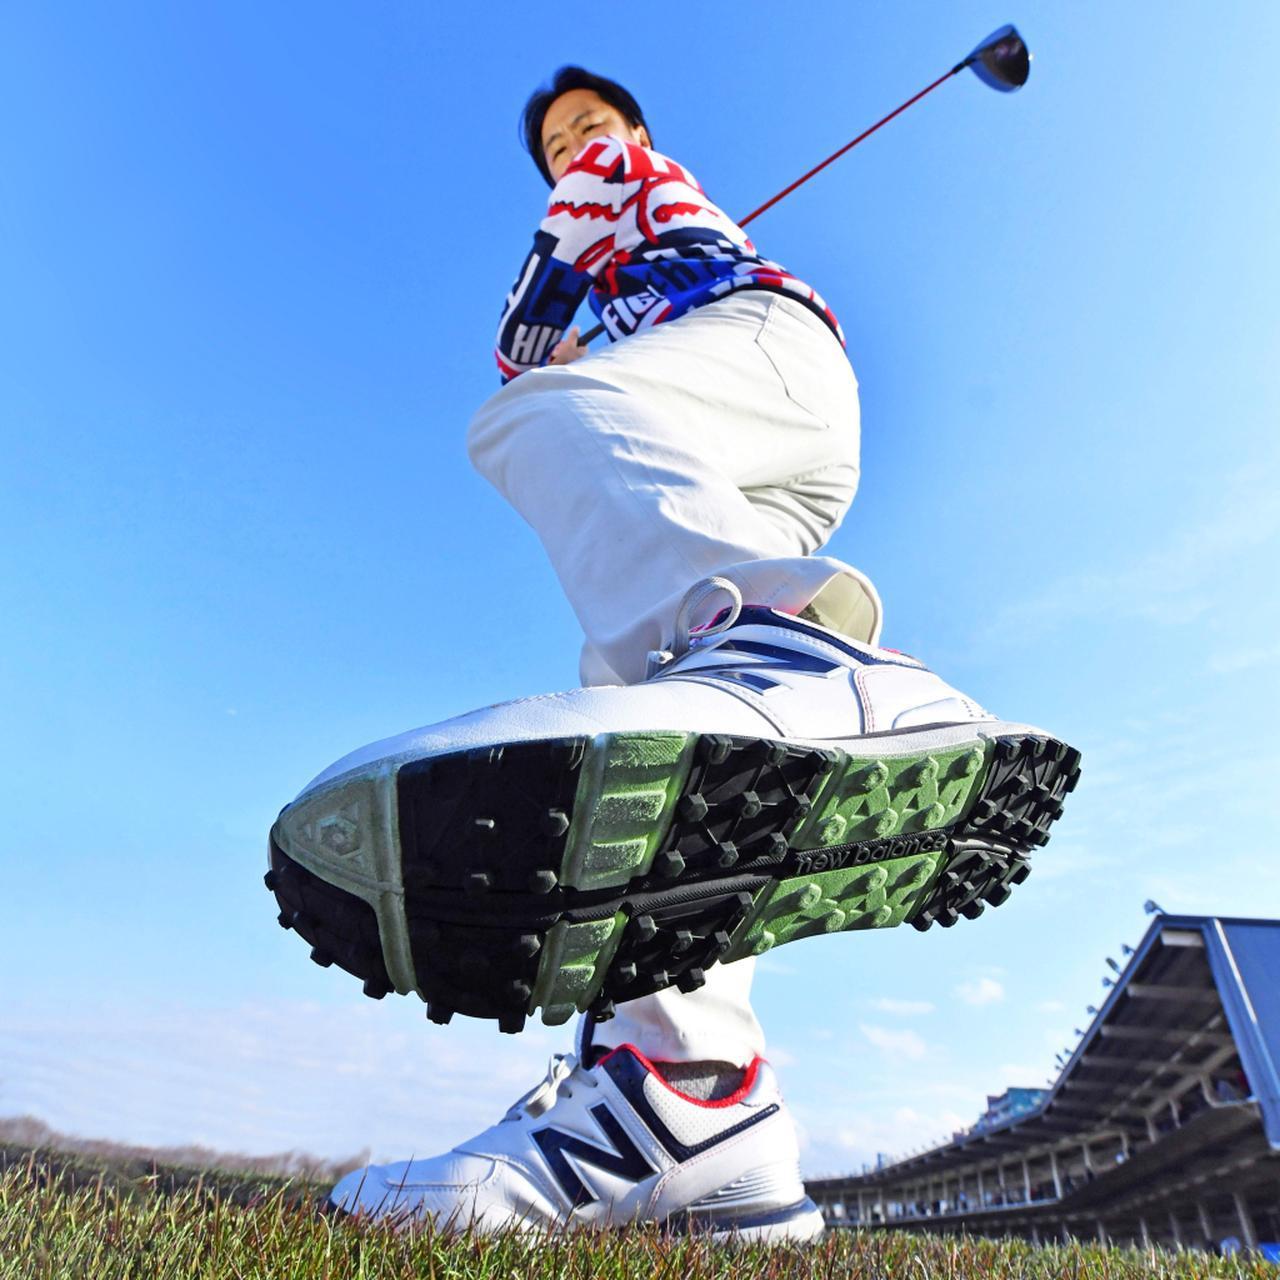 画像: 左足を踏み込んでスウィング!